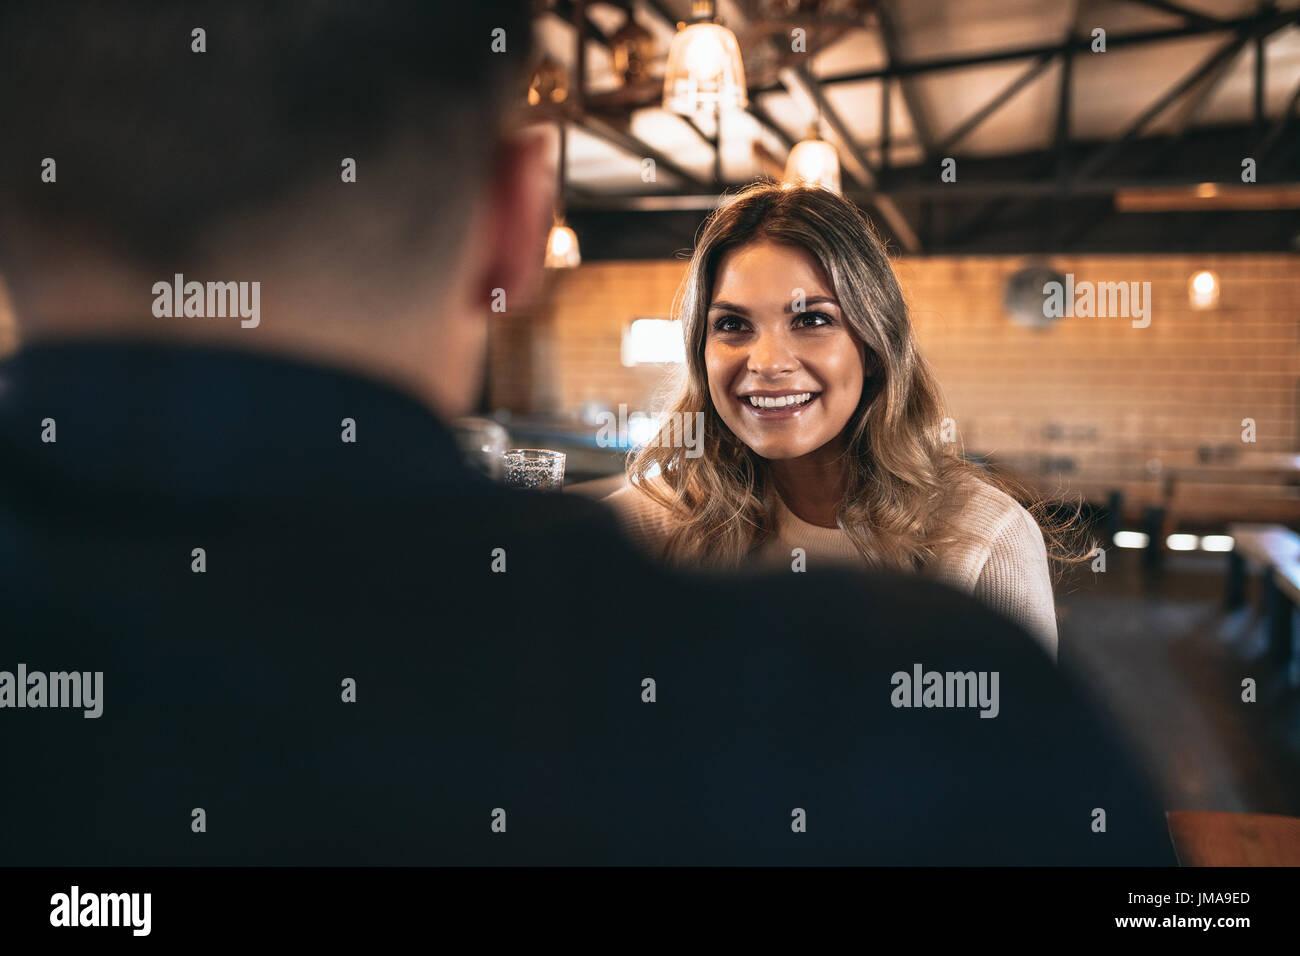 Schöne junge Frau mit einem Mann an der Bar. Paar an der Bar. Stockbild